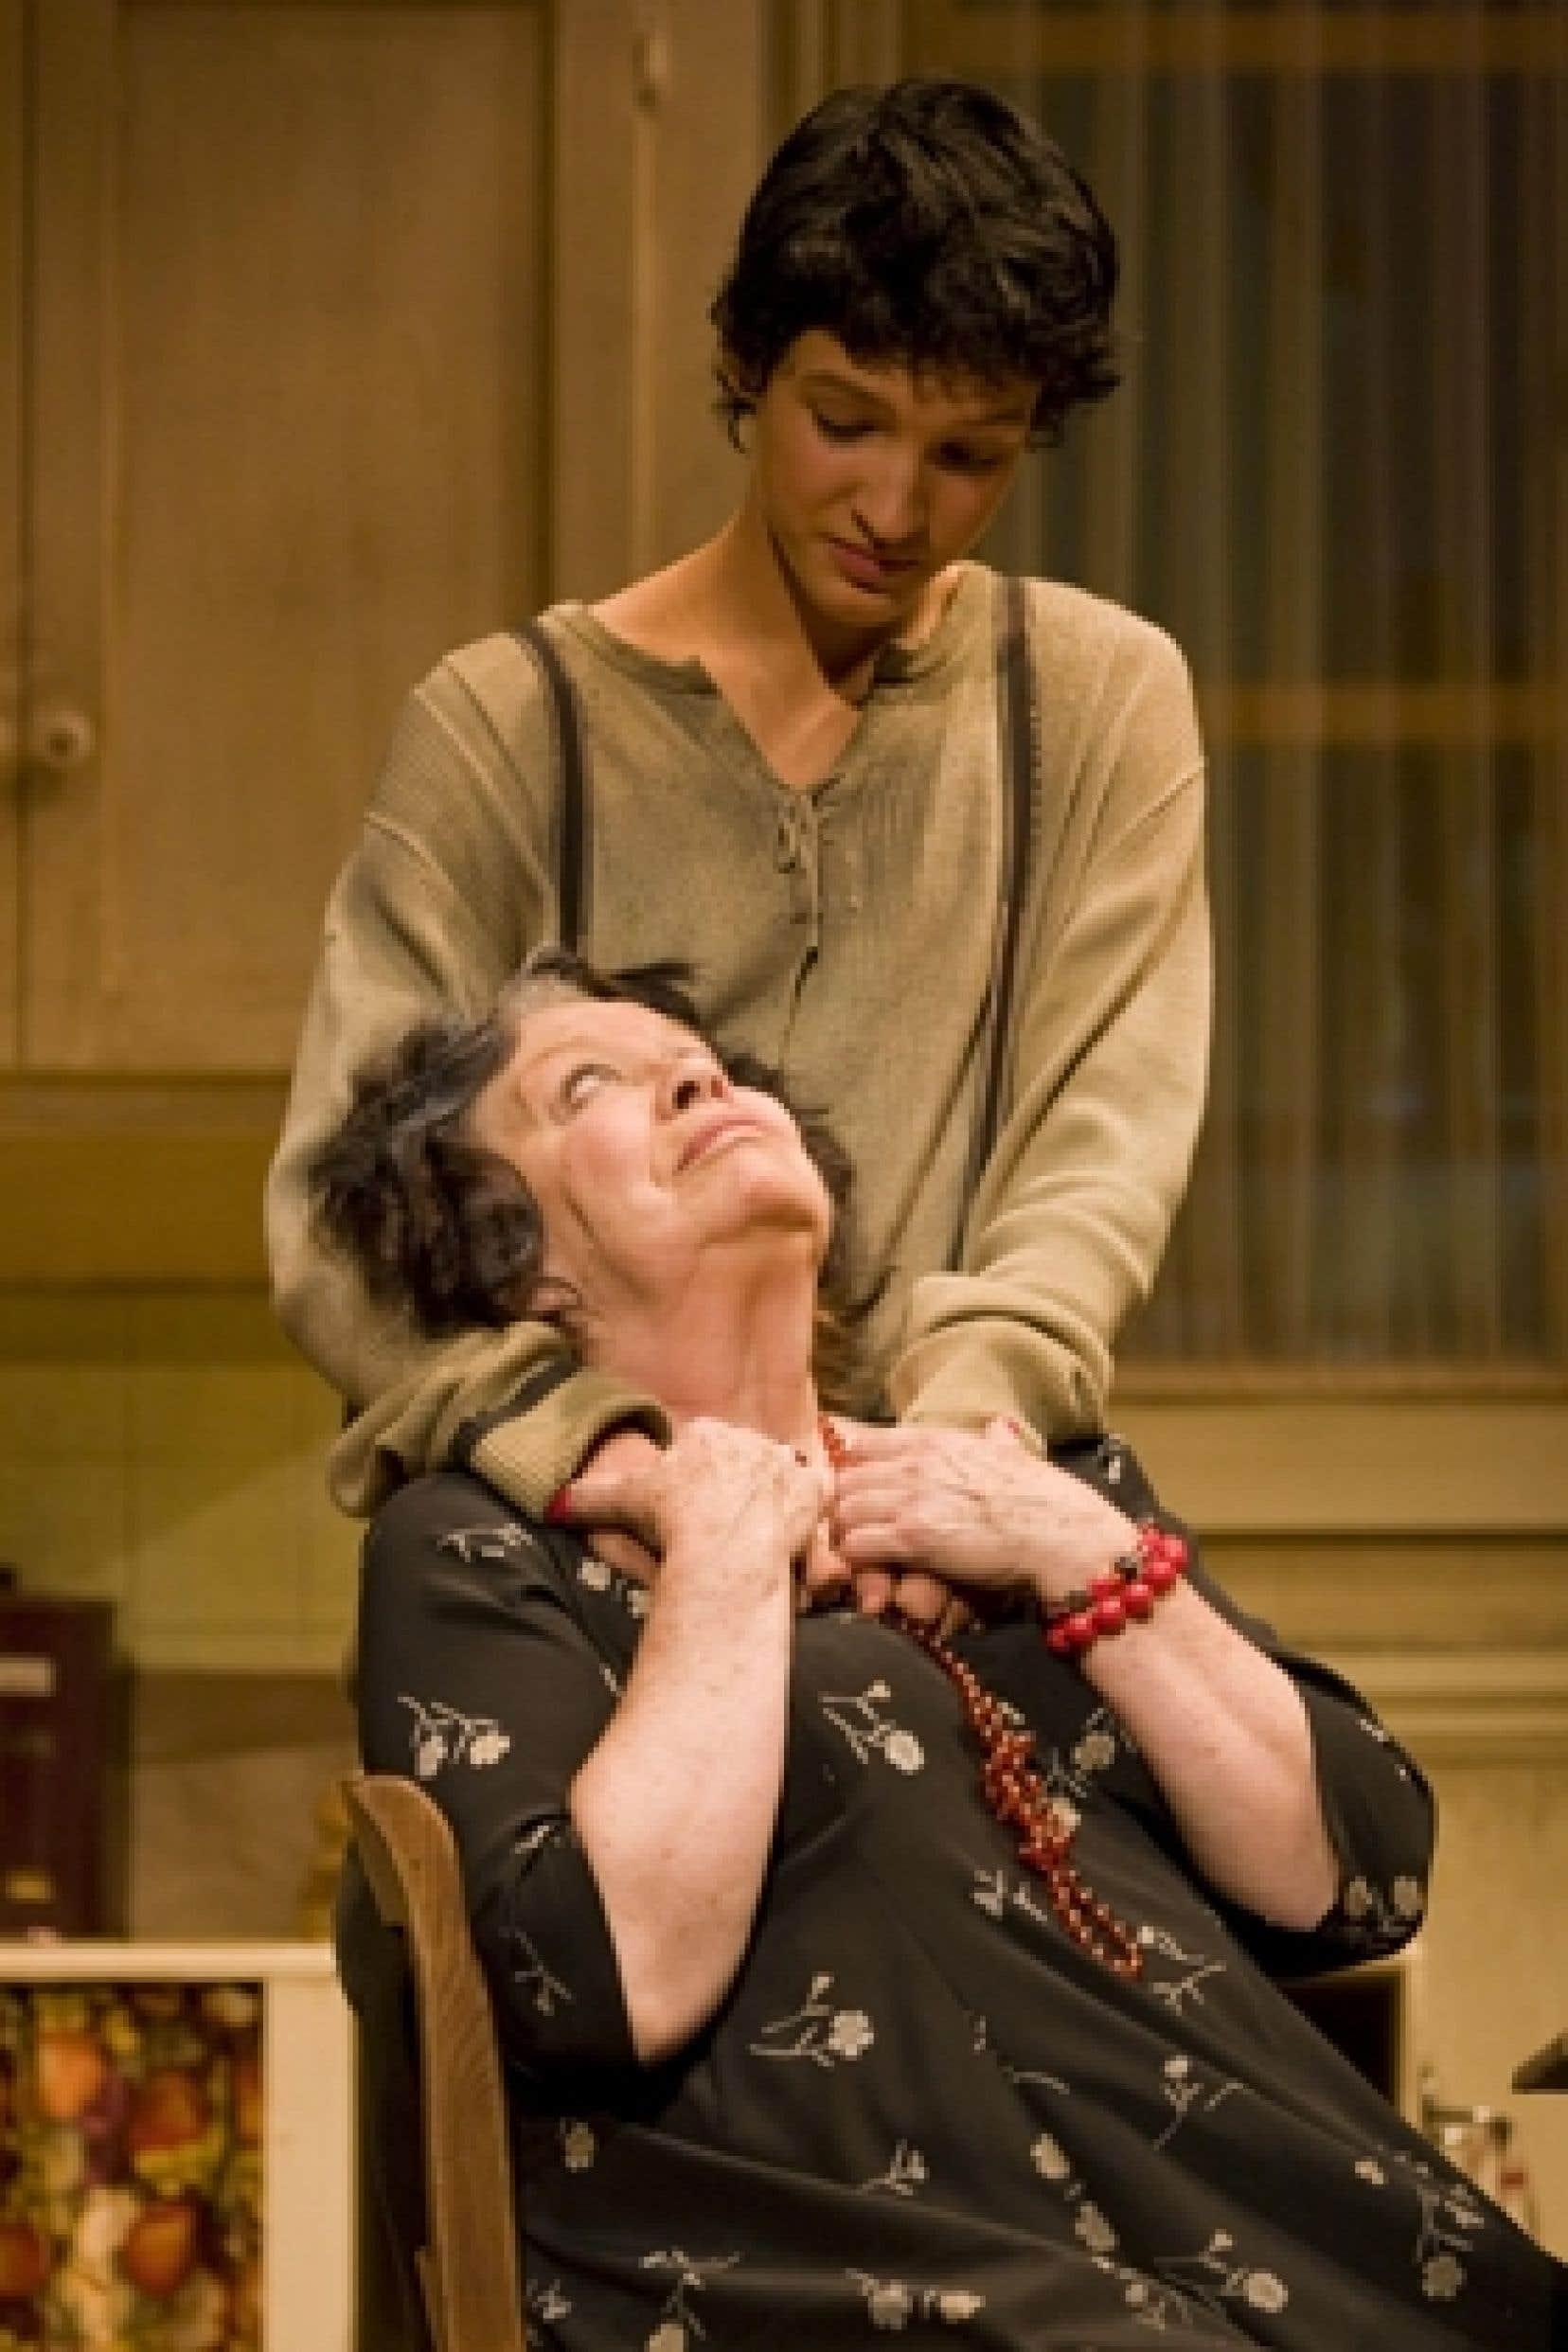 La pièce La vie devant soi de Romain Gary, présentée au Théâtre du Rideau Vert.